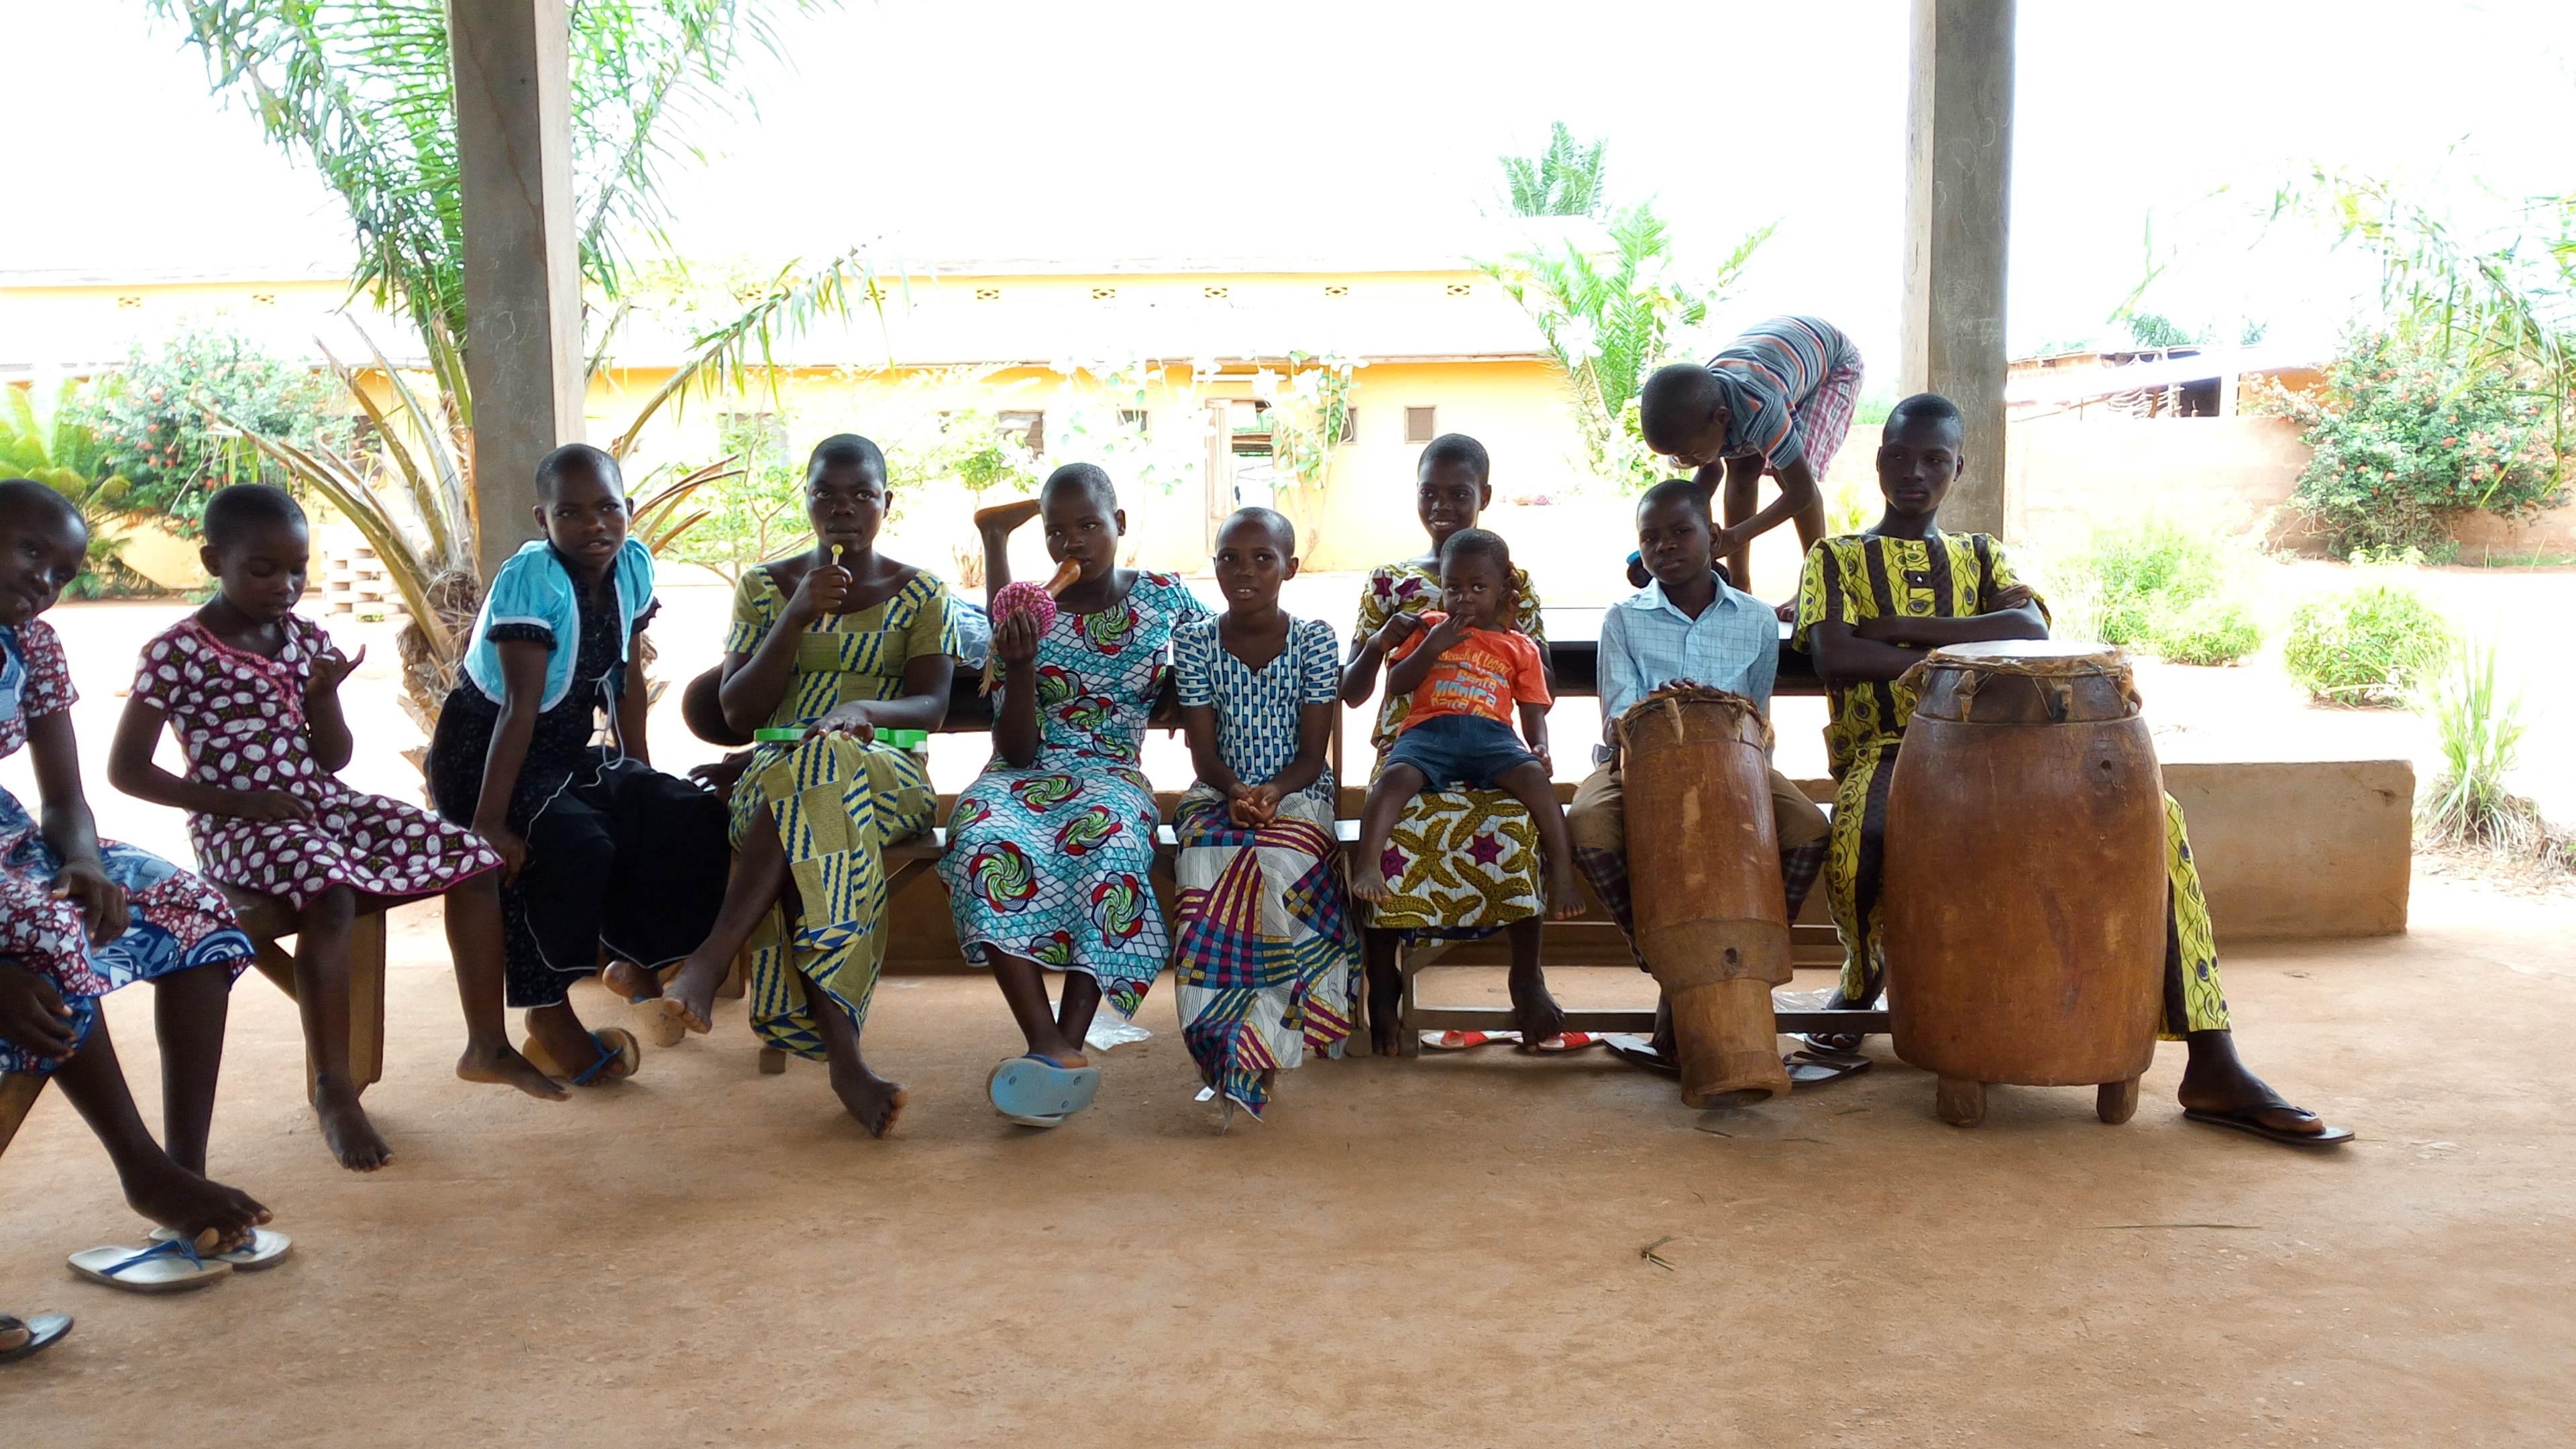 Visite à l'orphelinat La fontaine divine - Mission humanitaire Bénin